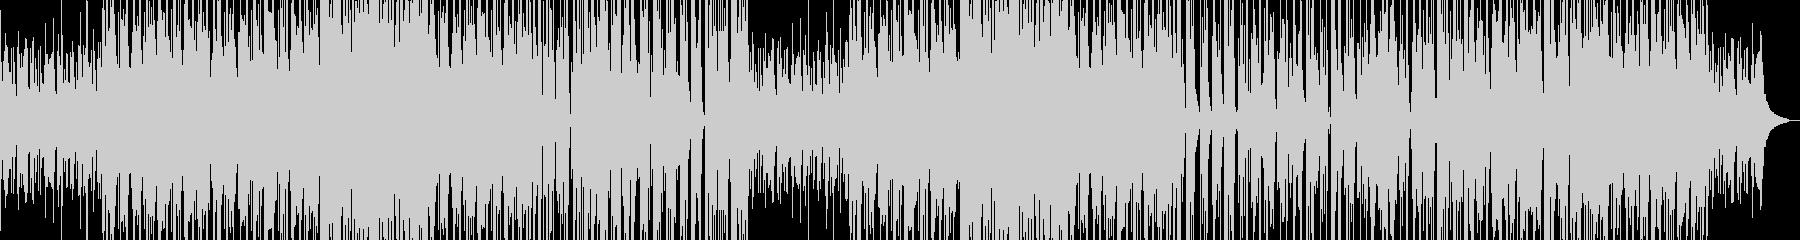 渋いジャジーなピアノワルツの未再生の波形